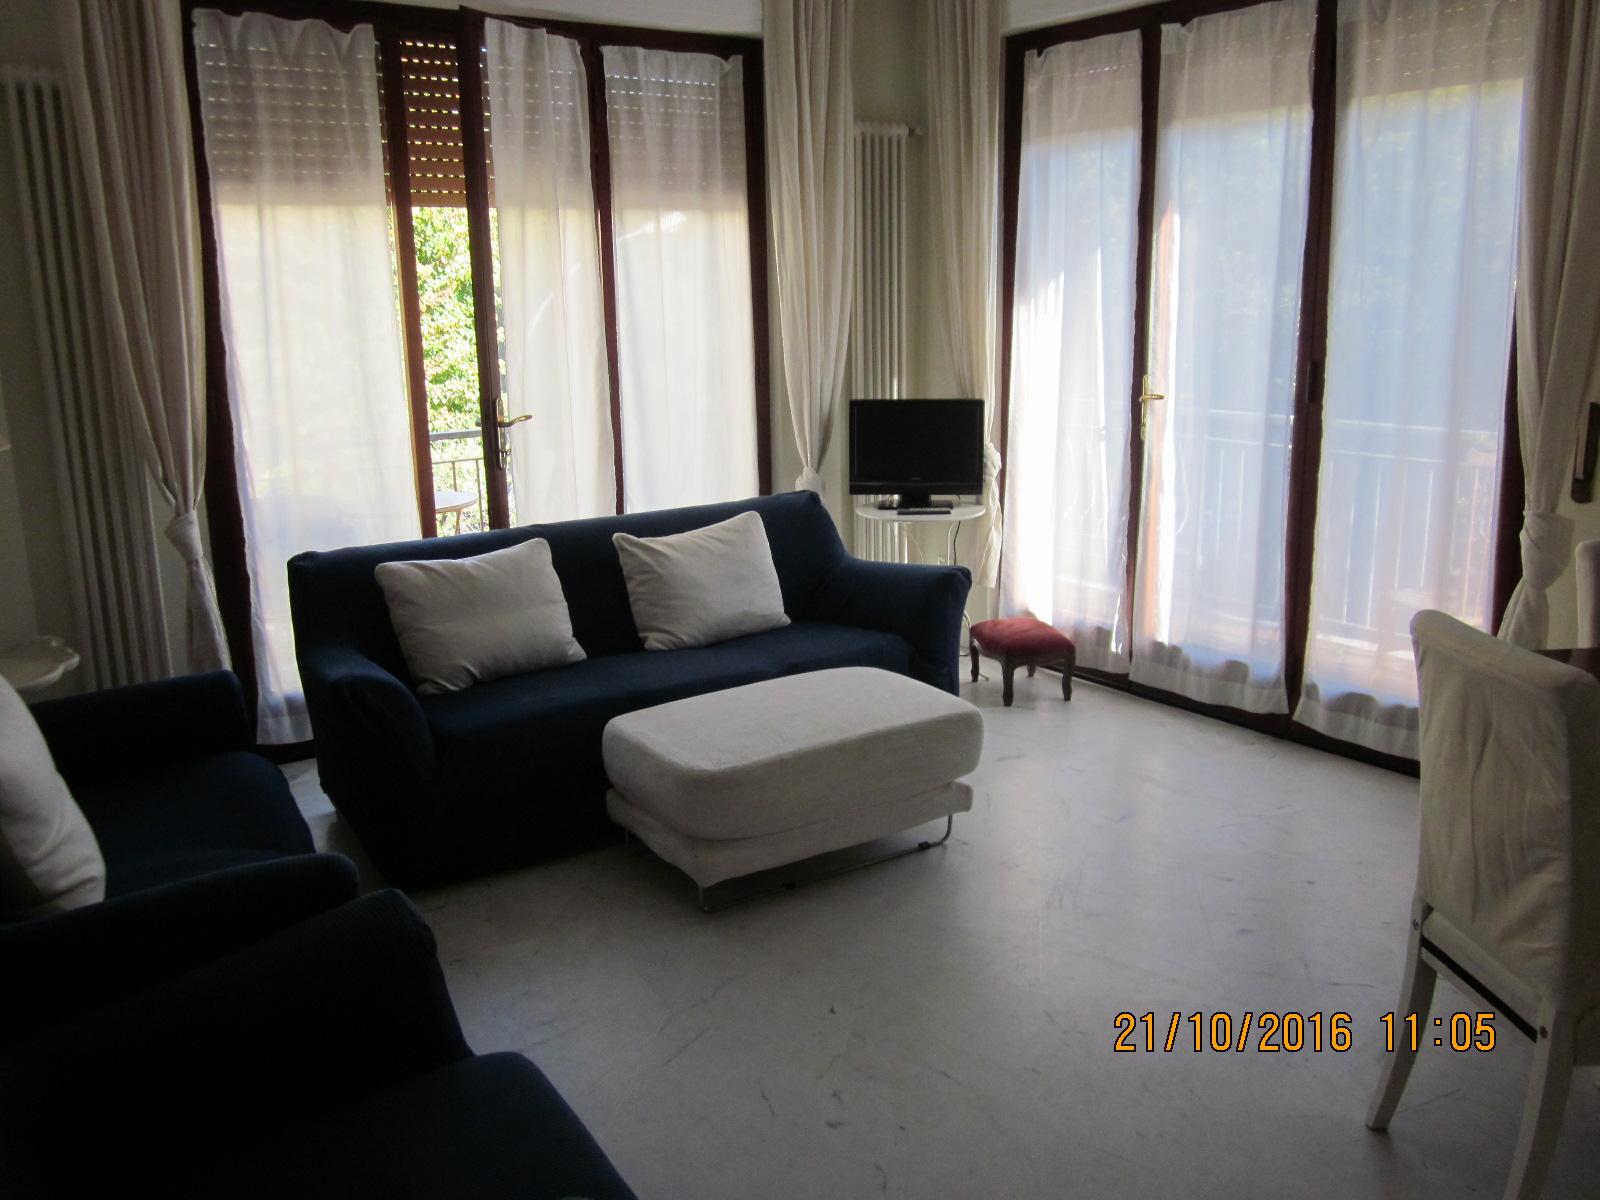 Appartamento in affitto a Viareggio, 6 locali, zona Località: Centro, prezzo € 800 | Cambio Casa.it